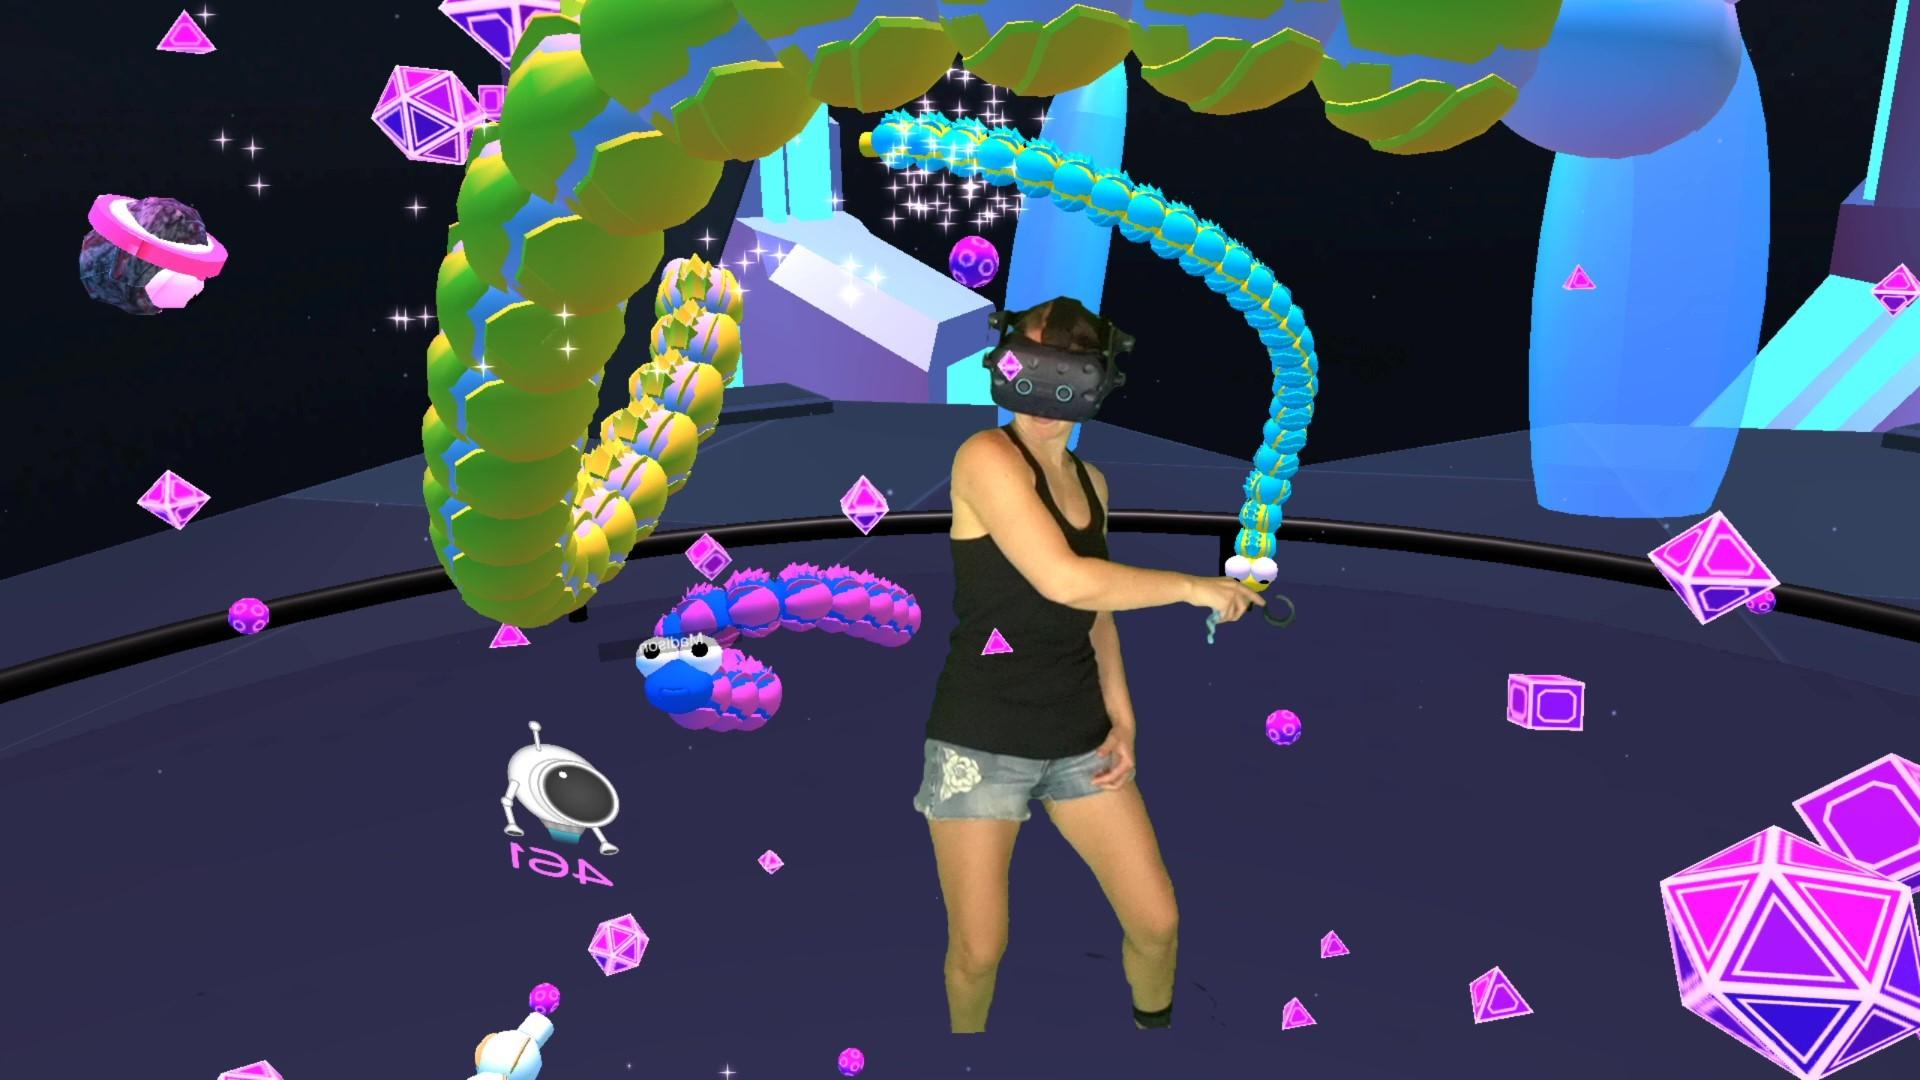 Oculus Quest 游戏《Space Slurpies》VR贪吃蛇插图(1)